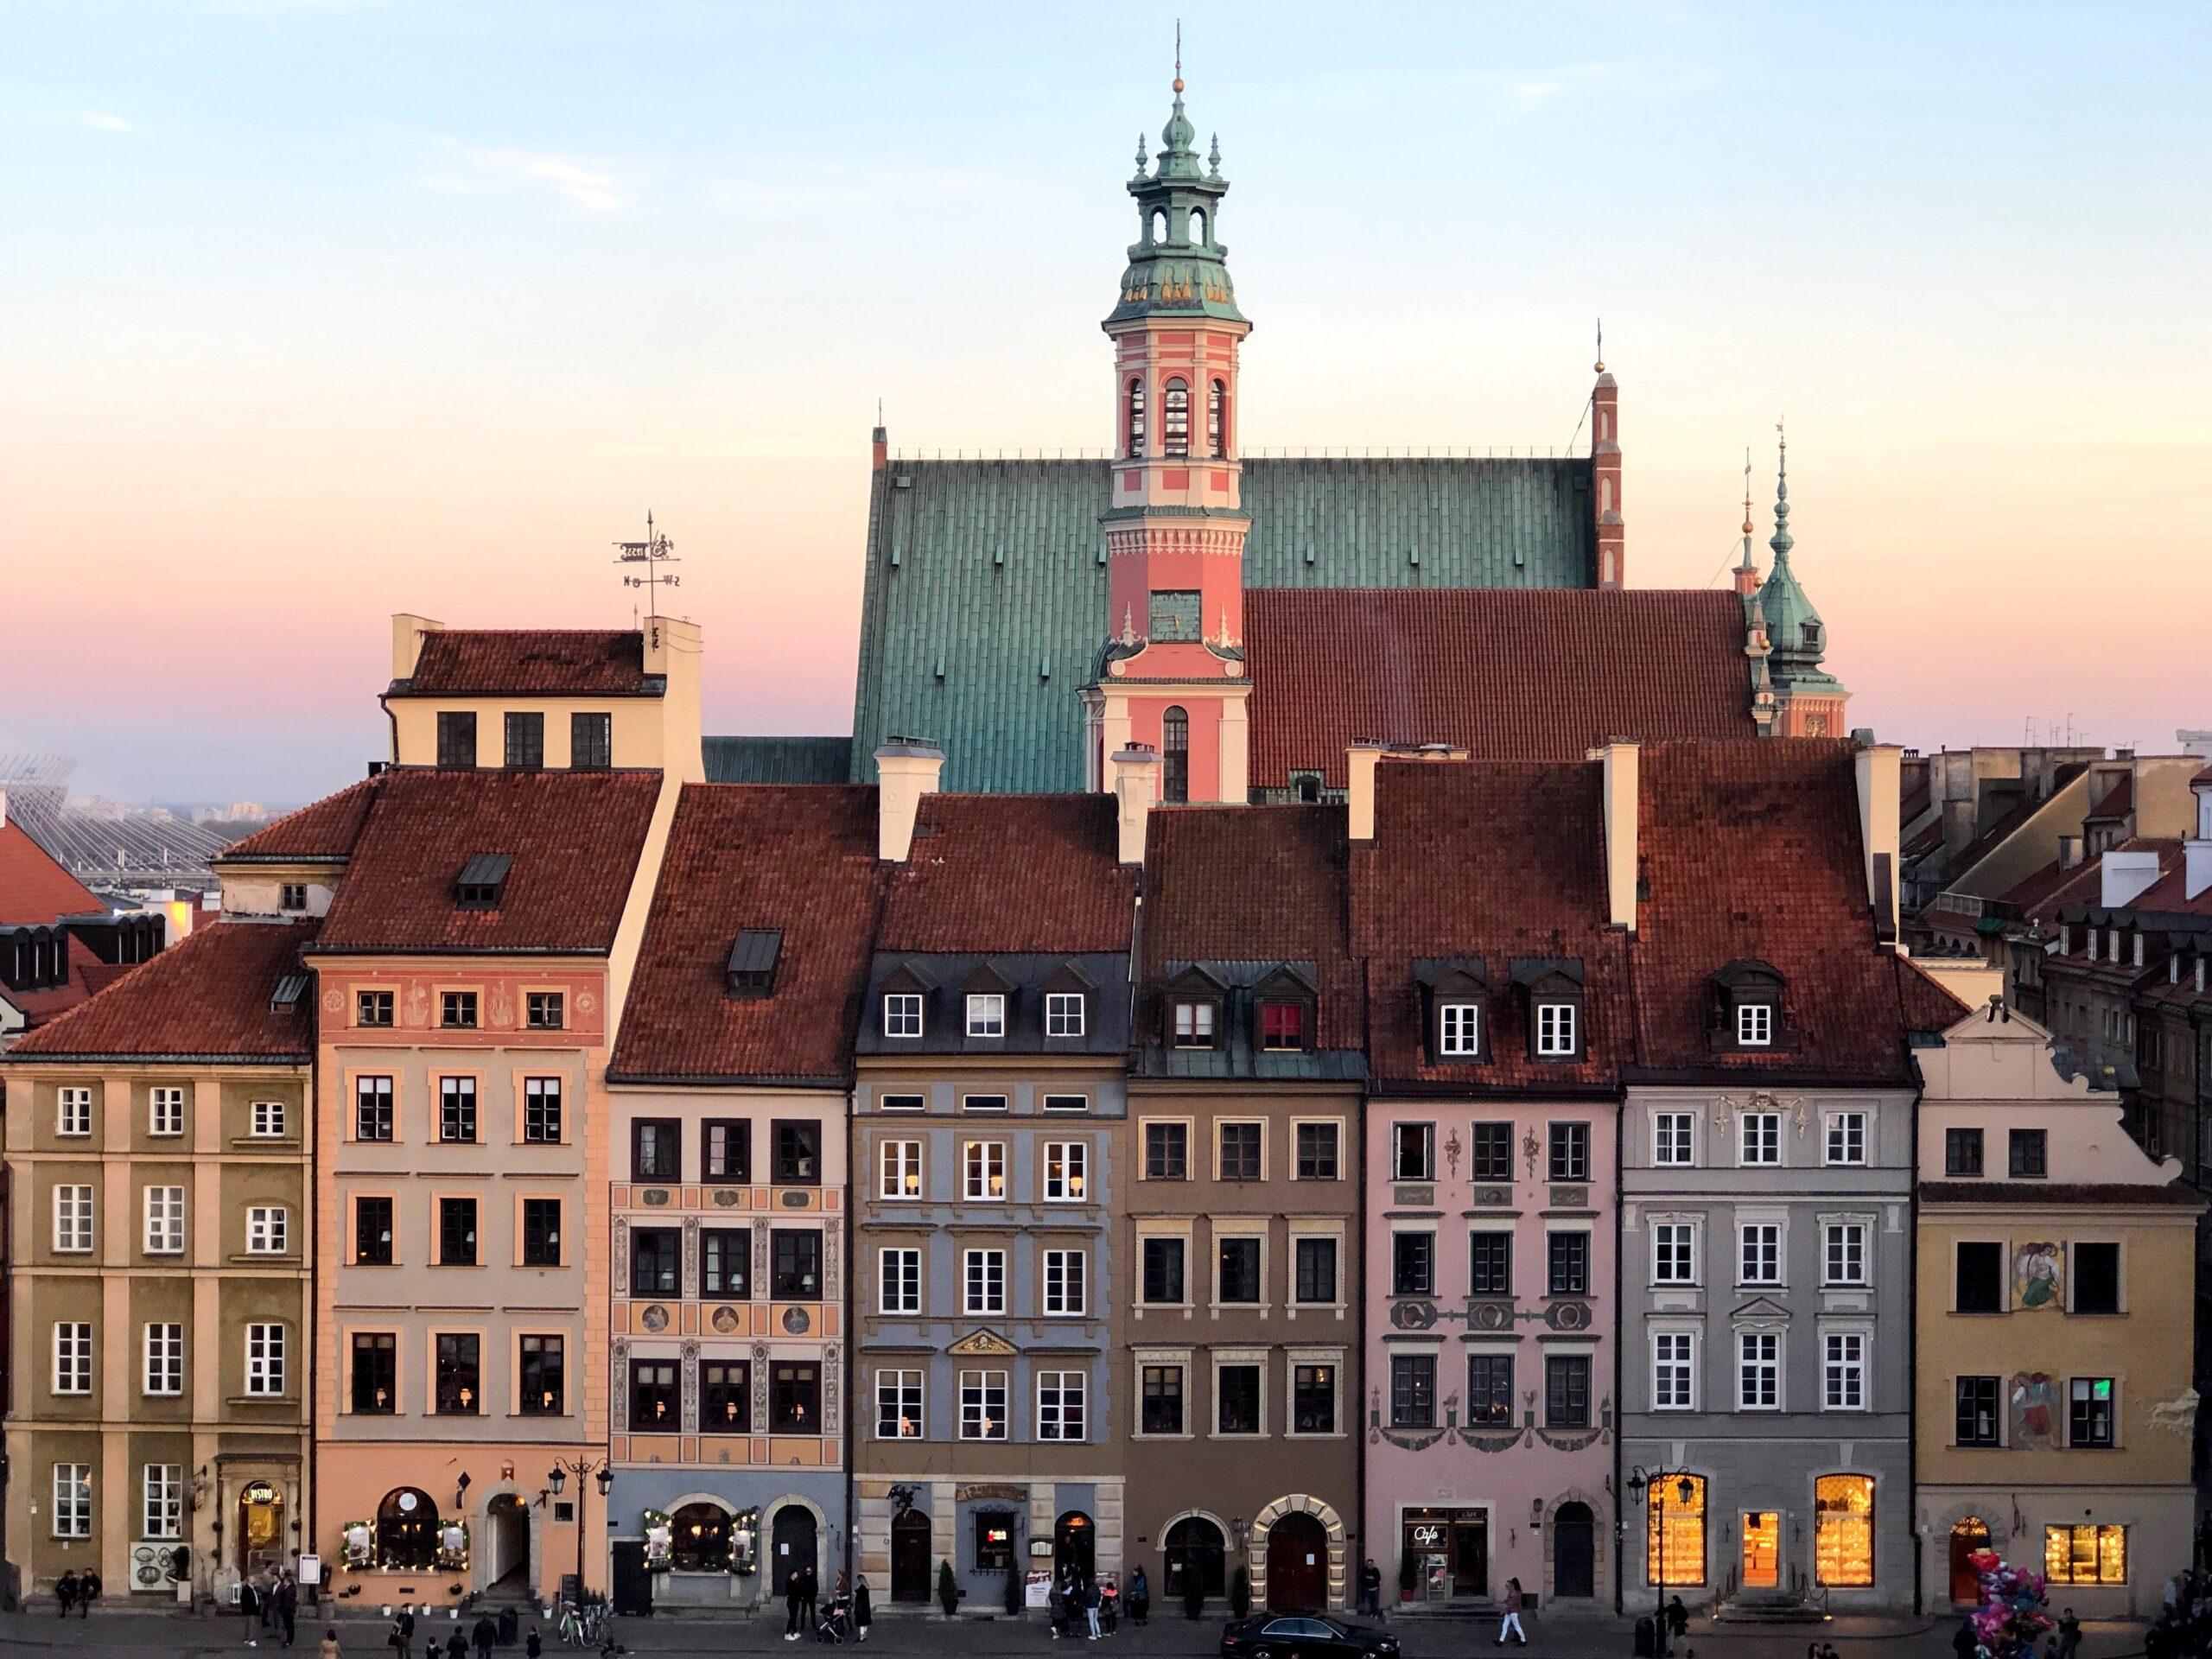 Fundusze Europejskie dla Polski Wschodniej 2021-2027